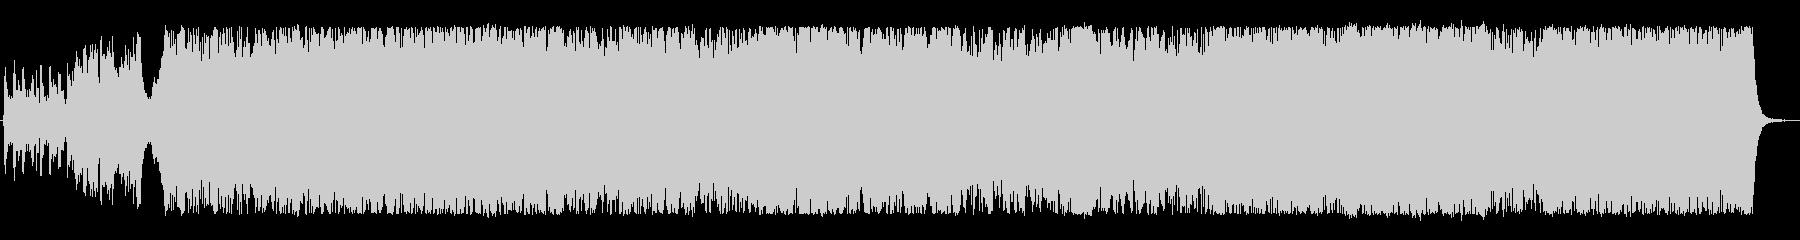 壮大なケルト 民族音楽の未再生の波形